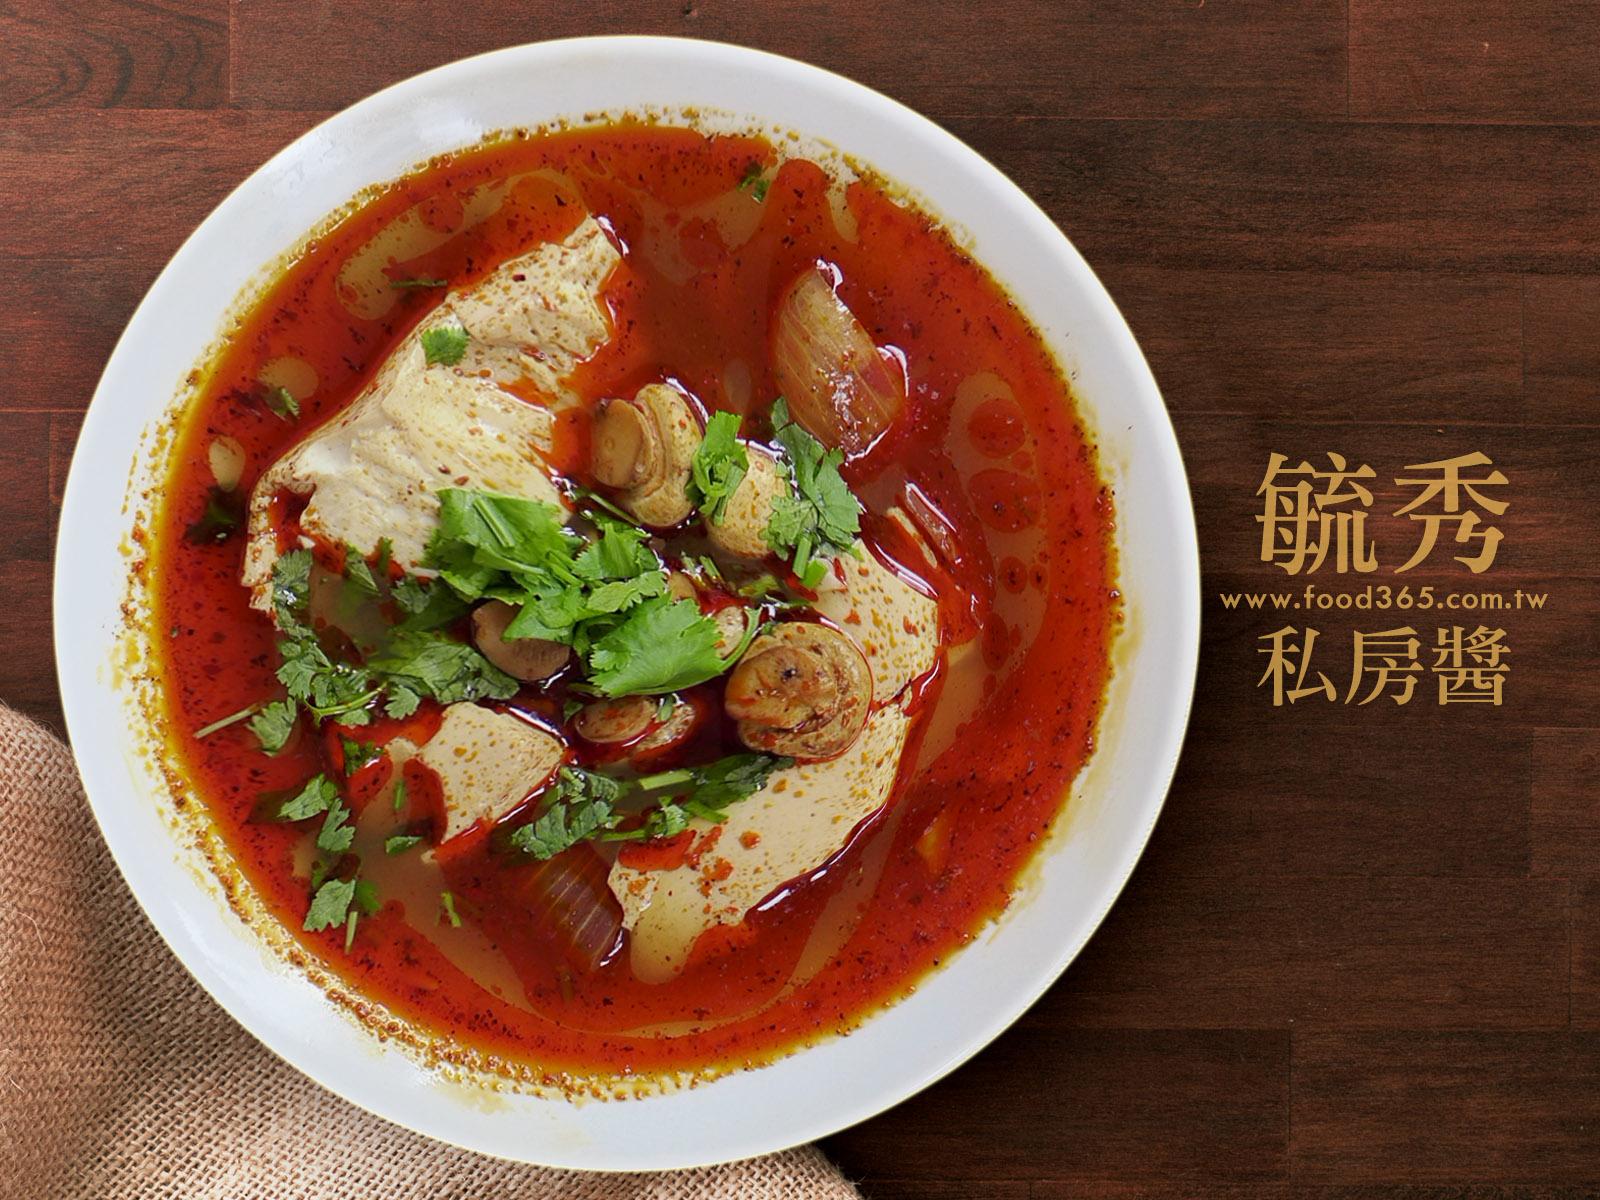 純素-人蔘麻辣燒豆腐【人蔘麻辣湯底醬】